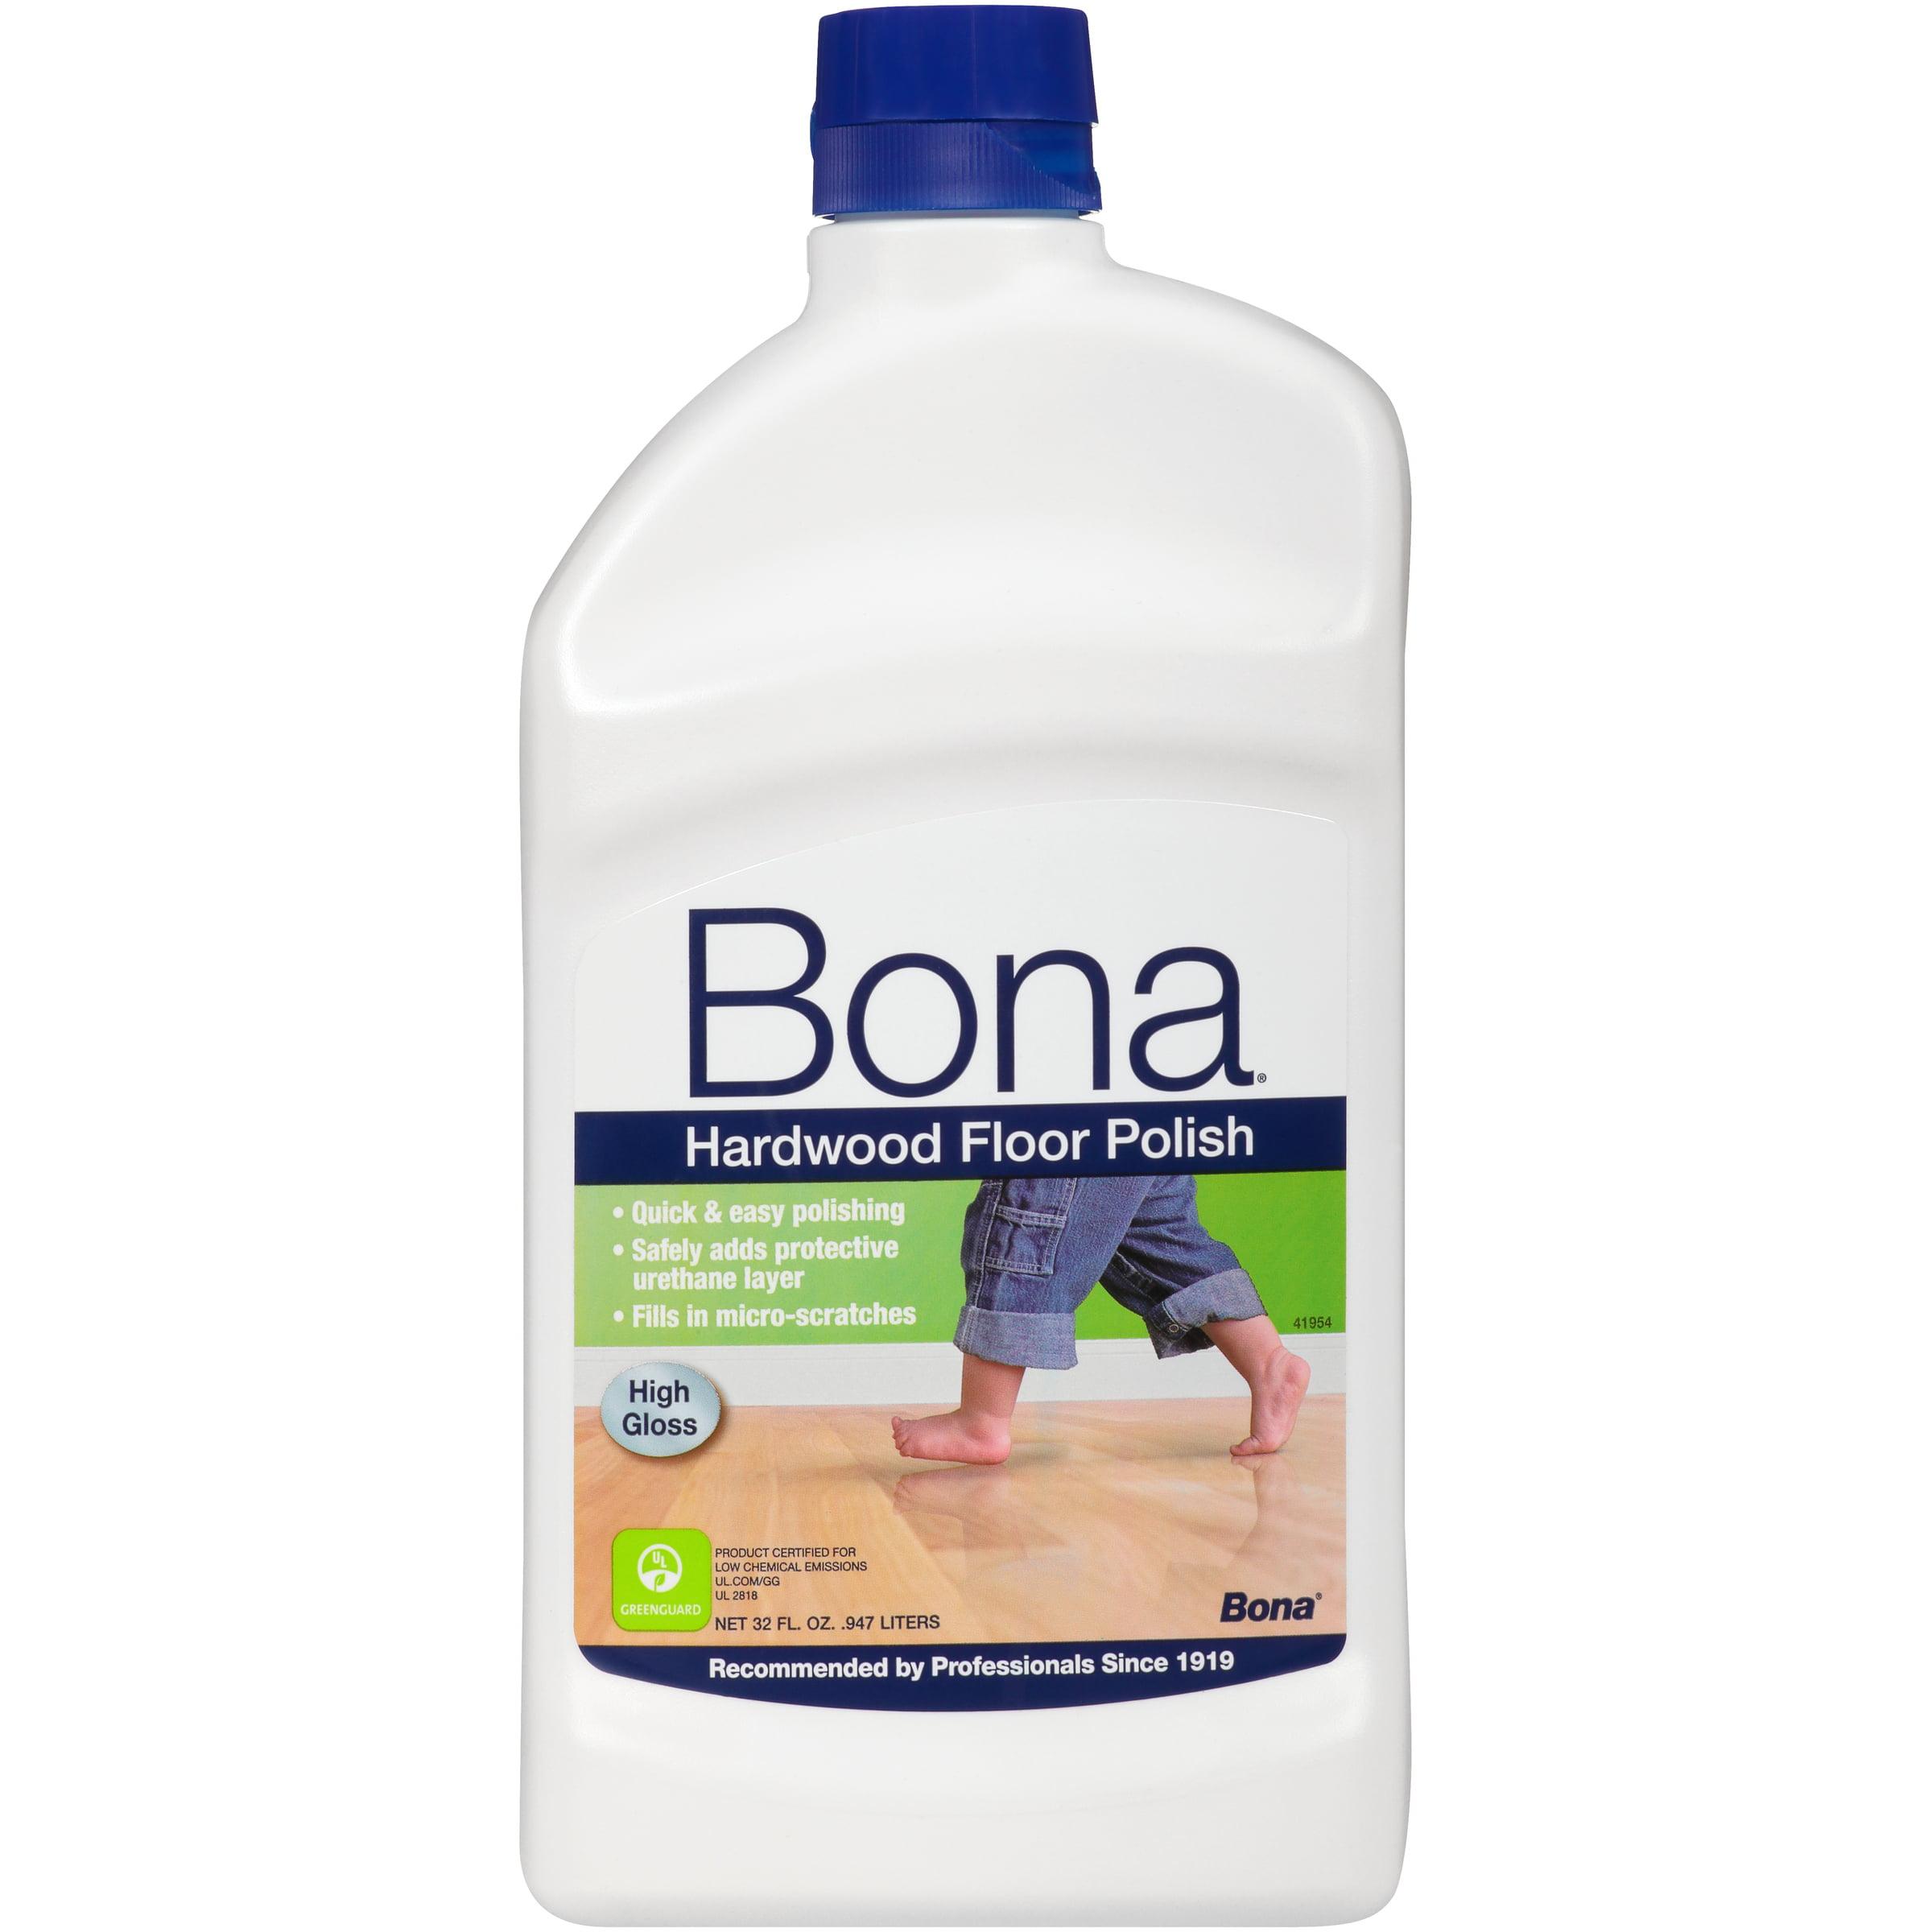 Bona® Hardwood Floor Polish - High Gloss